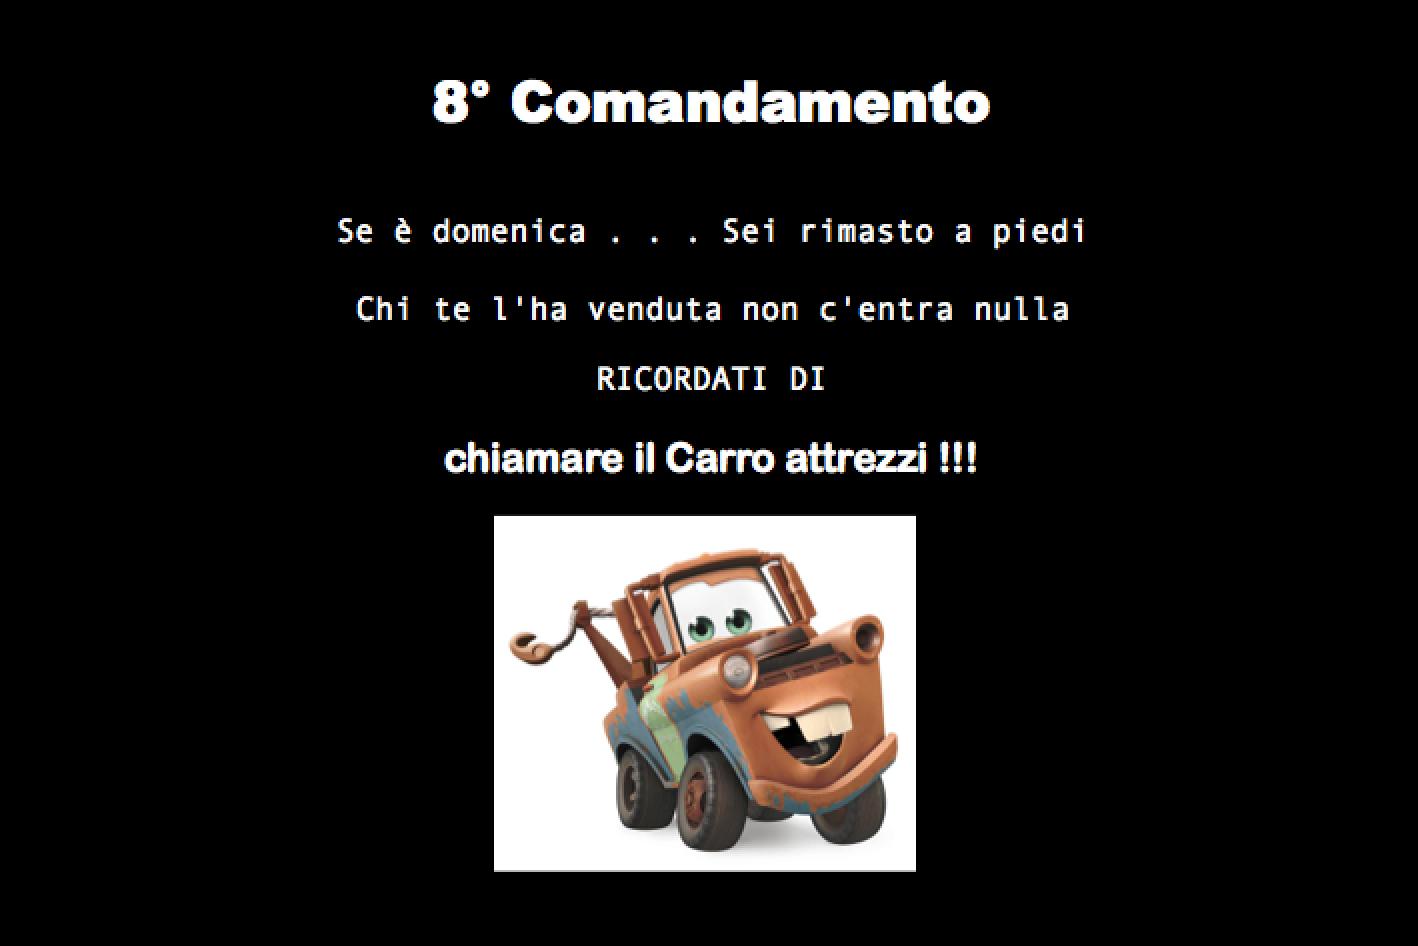 8° Comandamento.jpg